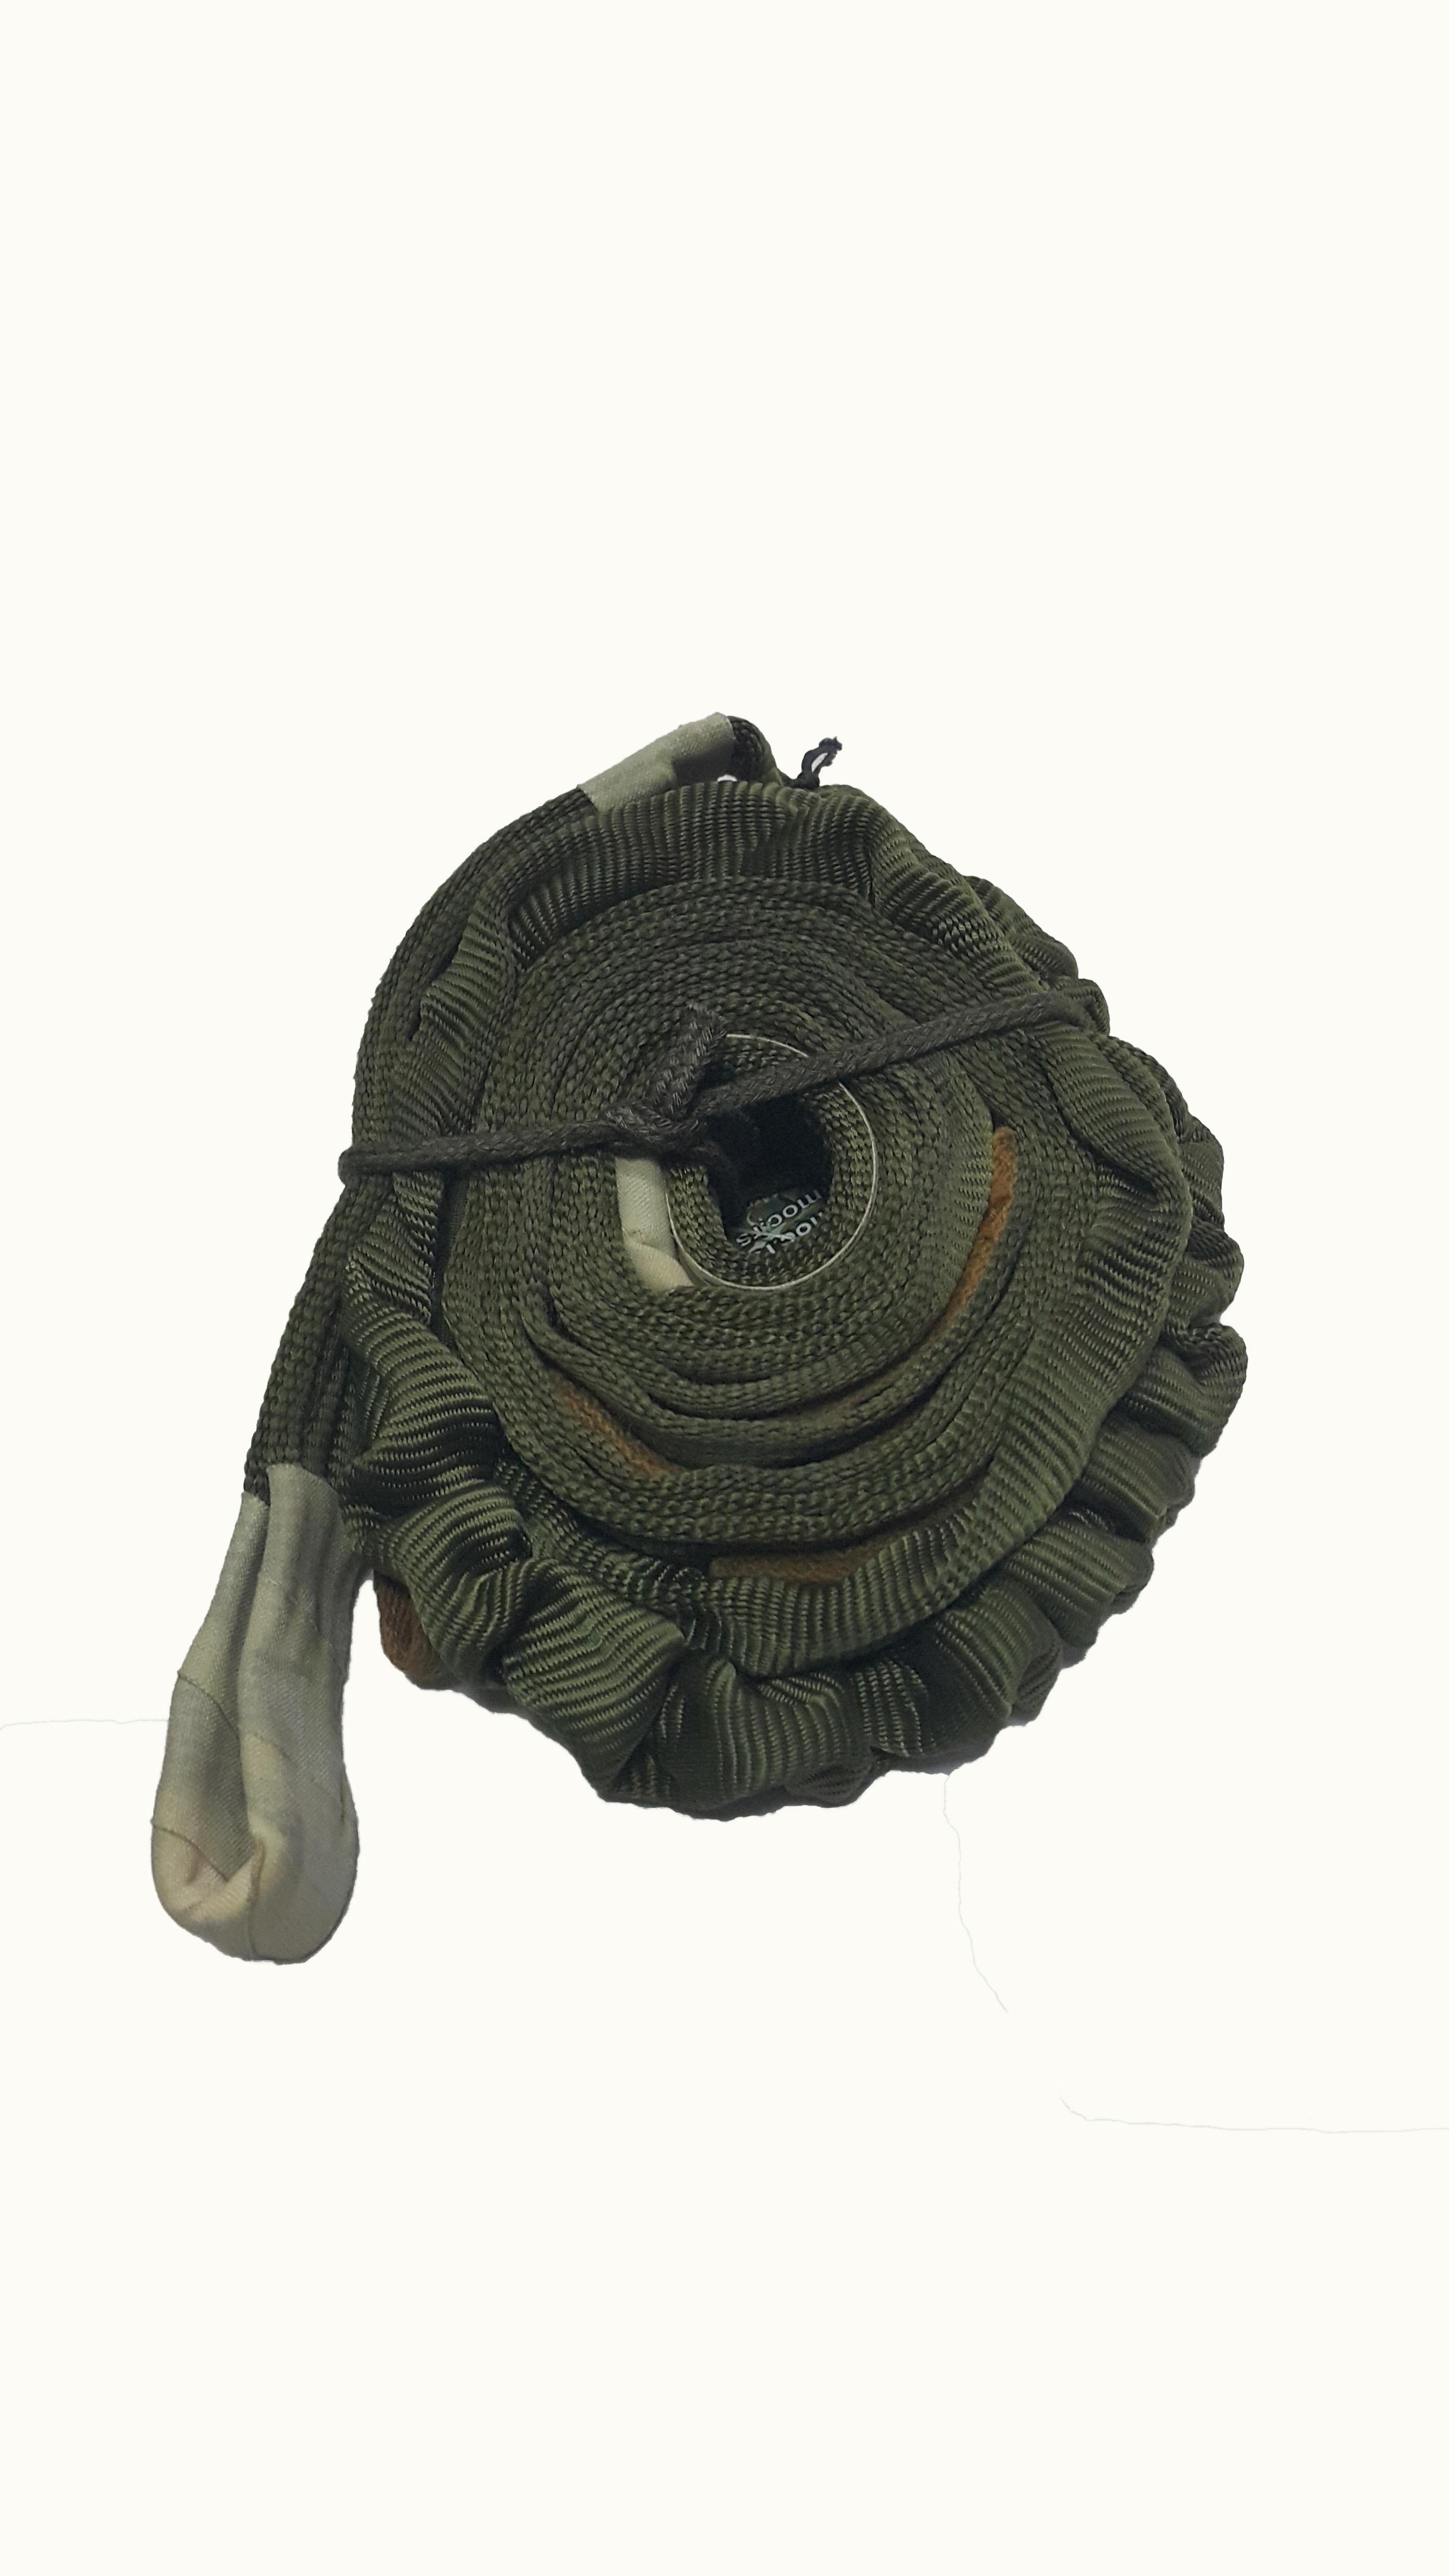 Padobranska gurtna zelena 3m